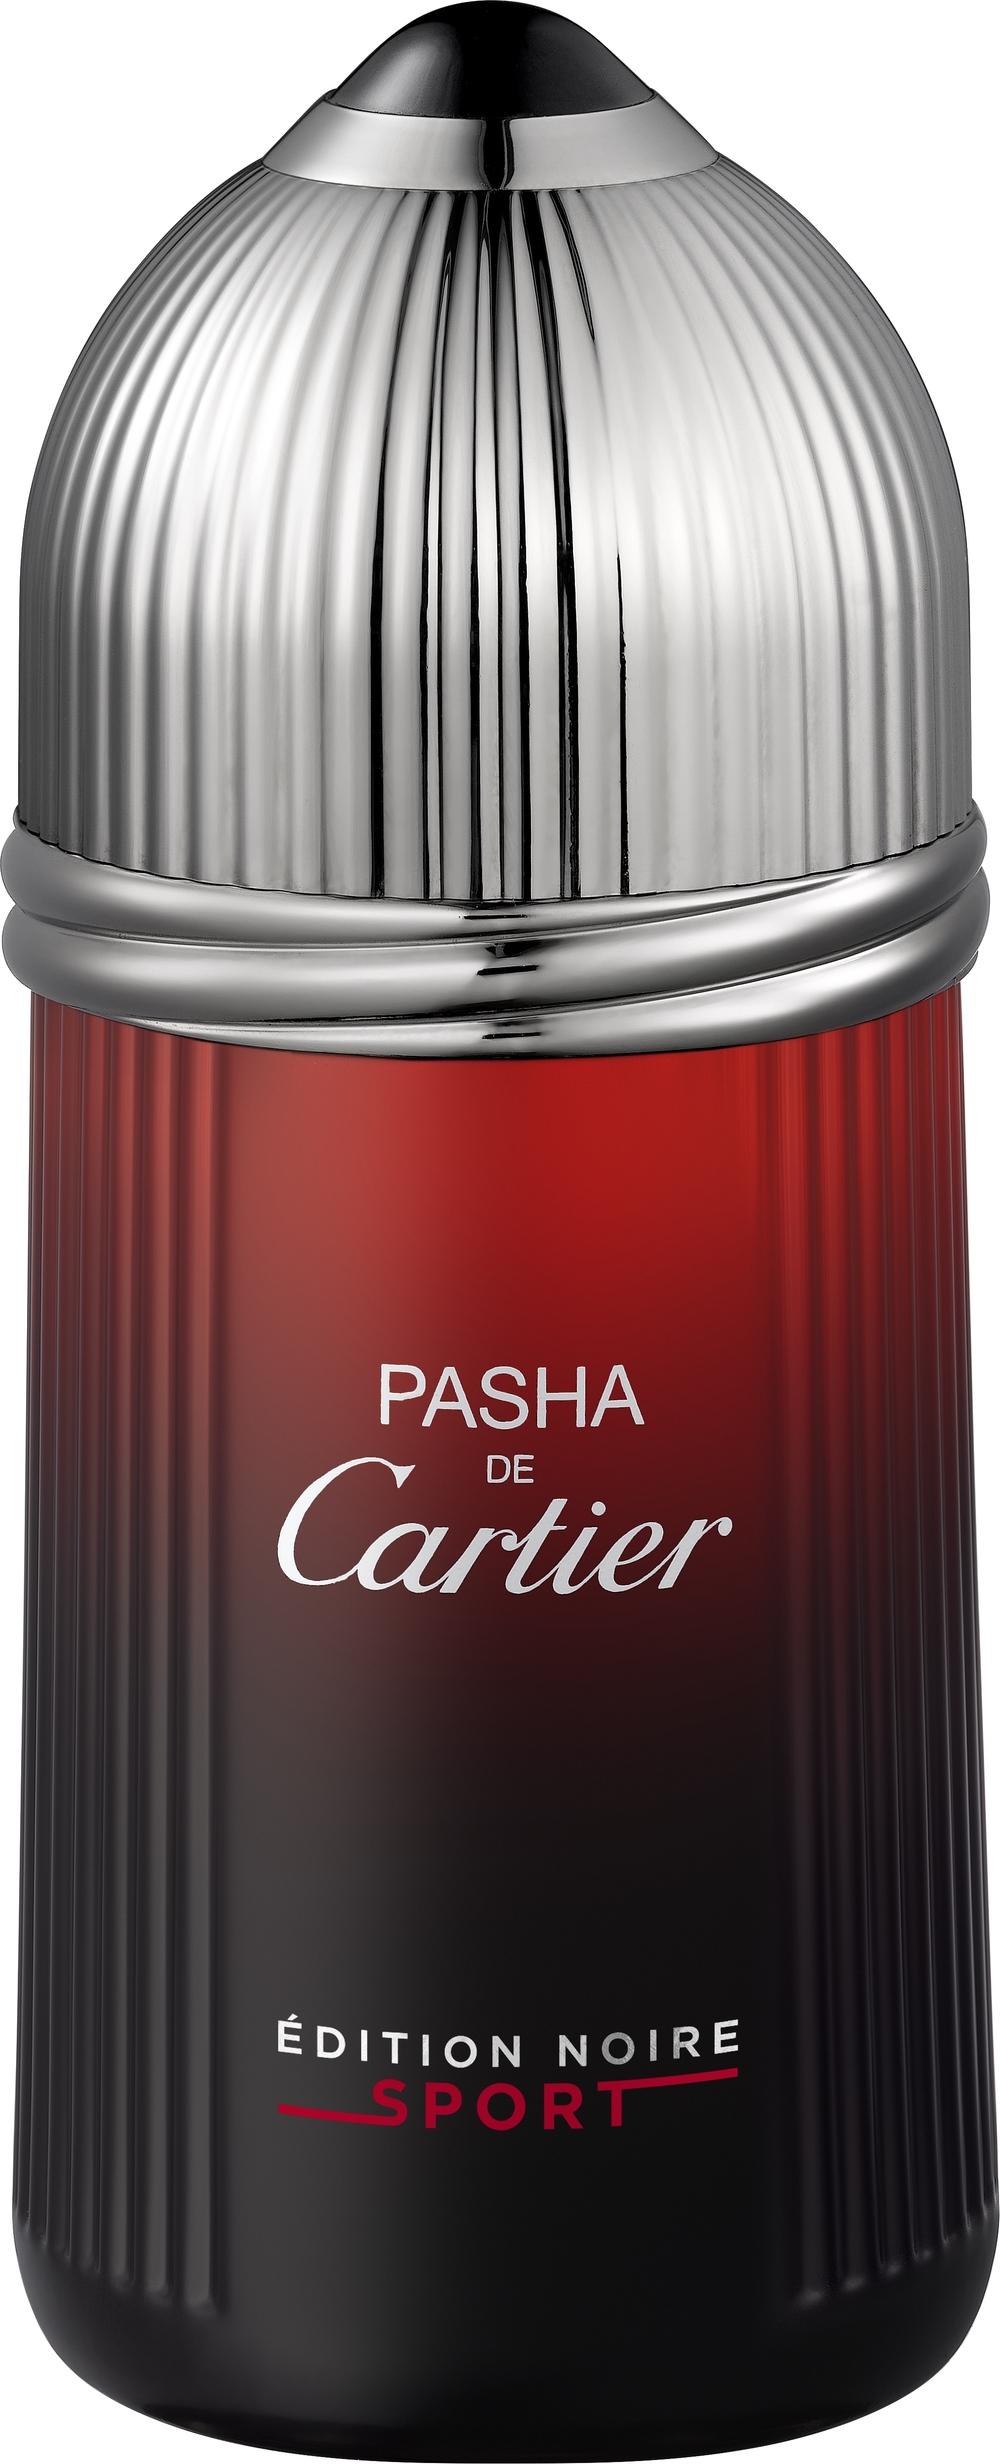 Pasha de Cartier Edition Noire Sport, $110